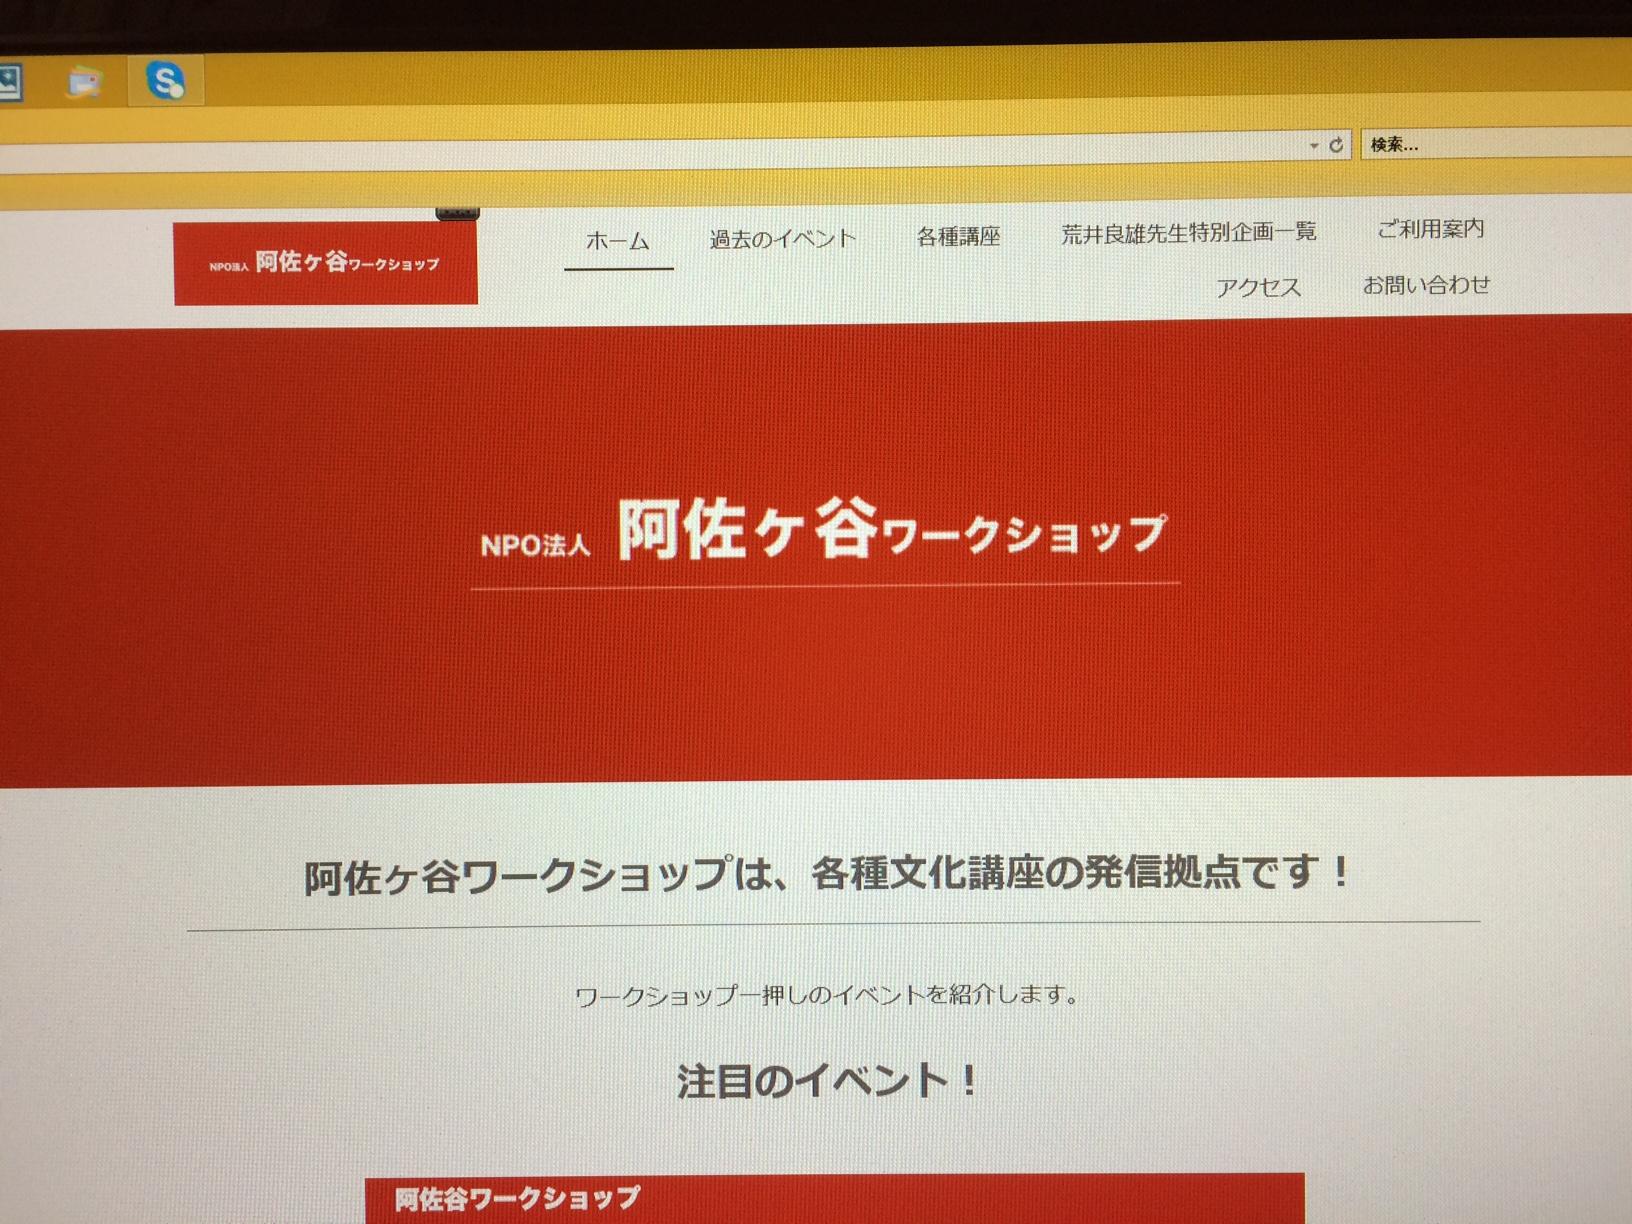 ホームページの変更のイメージ